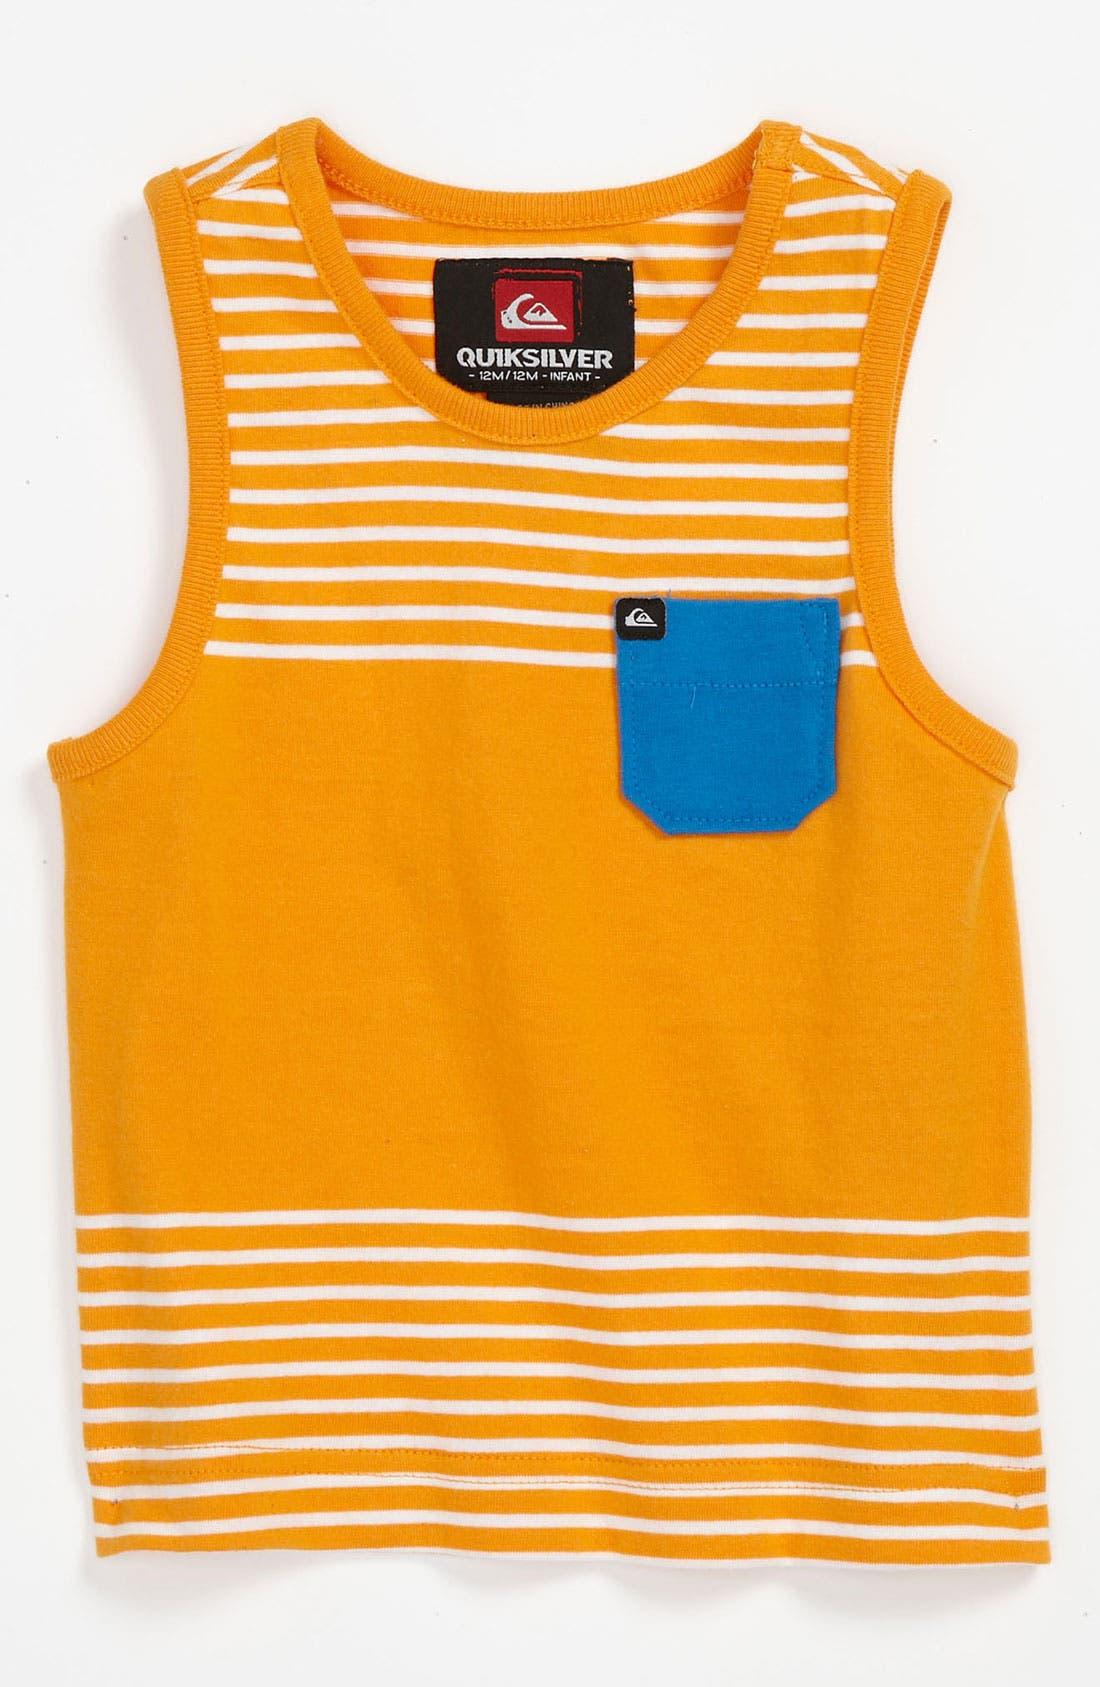 Main Image - Quiksilver 'Tropics' Tank Top (Toddler)